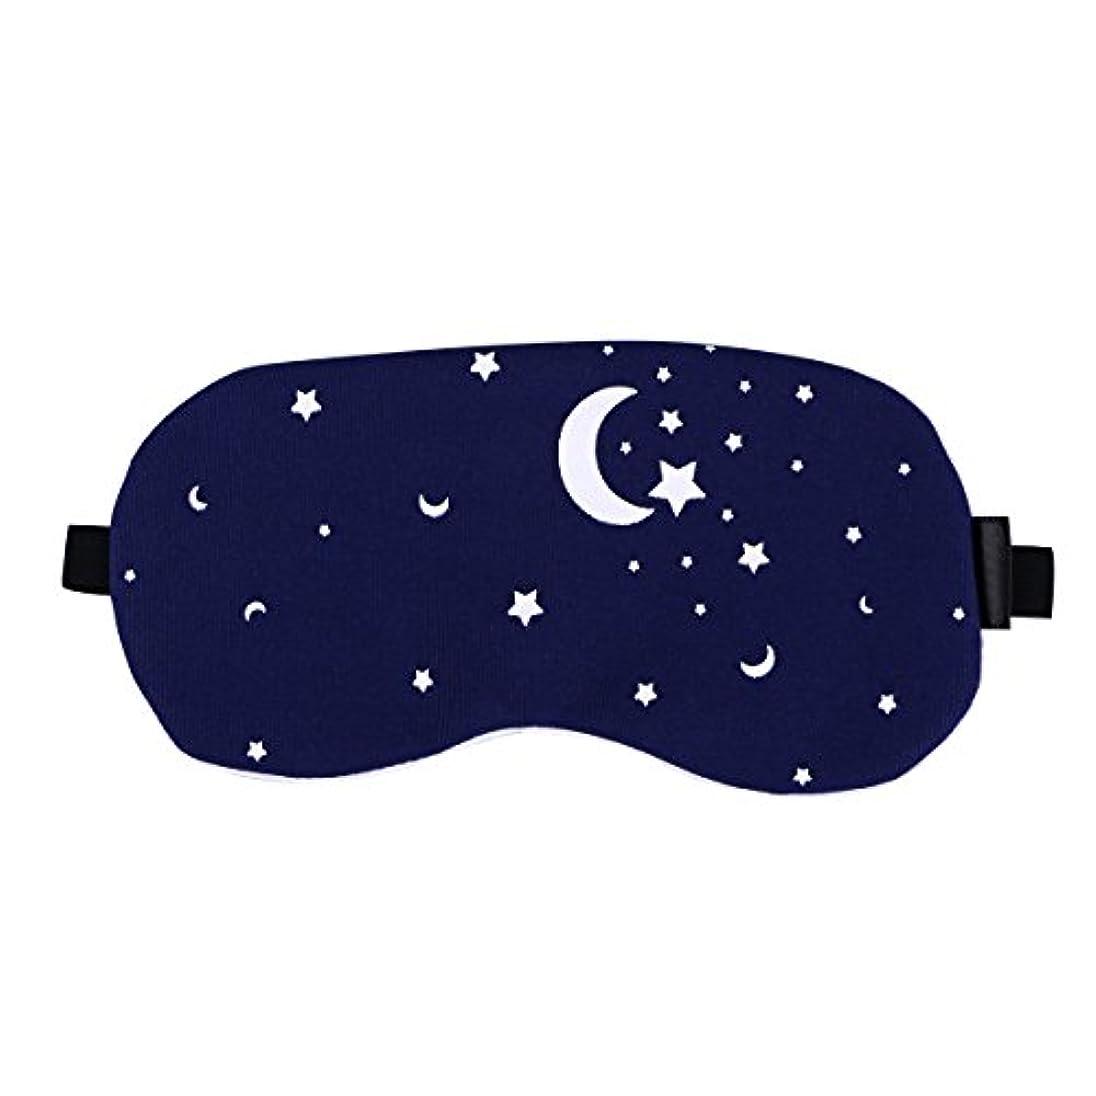 悪党工業用イソギンチャクHealifty 男性と女性のための夜の眠りの目のマスクの綿とリネンの睡眠の盲目の睡眠のマスクのアイカバー調節可能なアイシェード(星空)